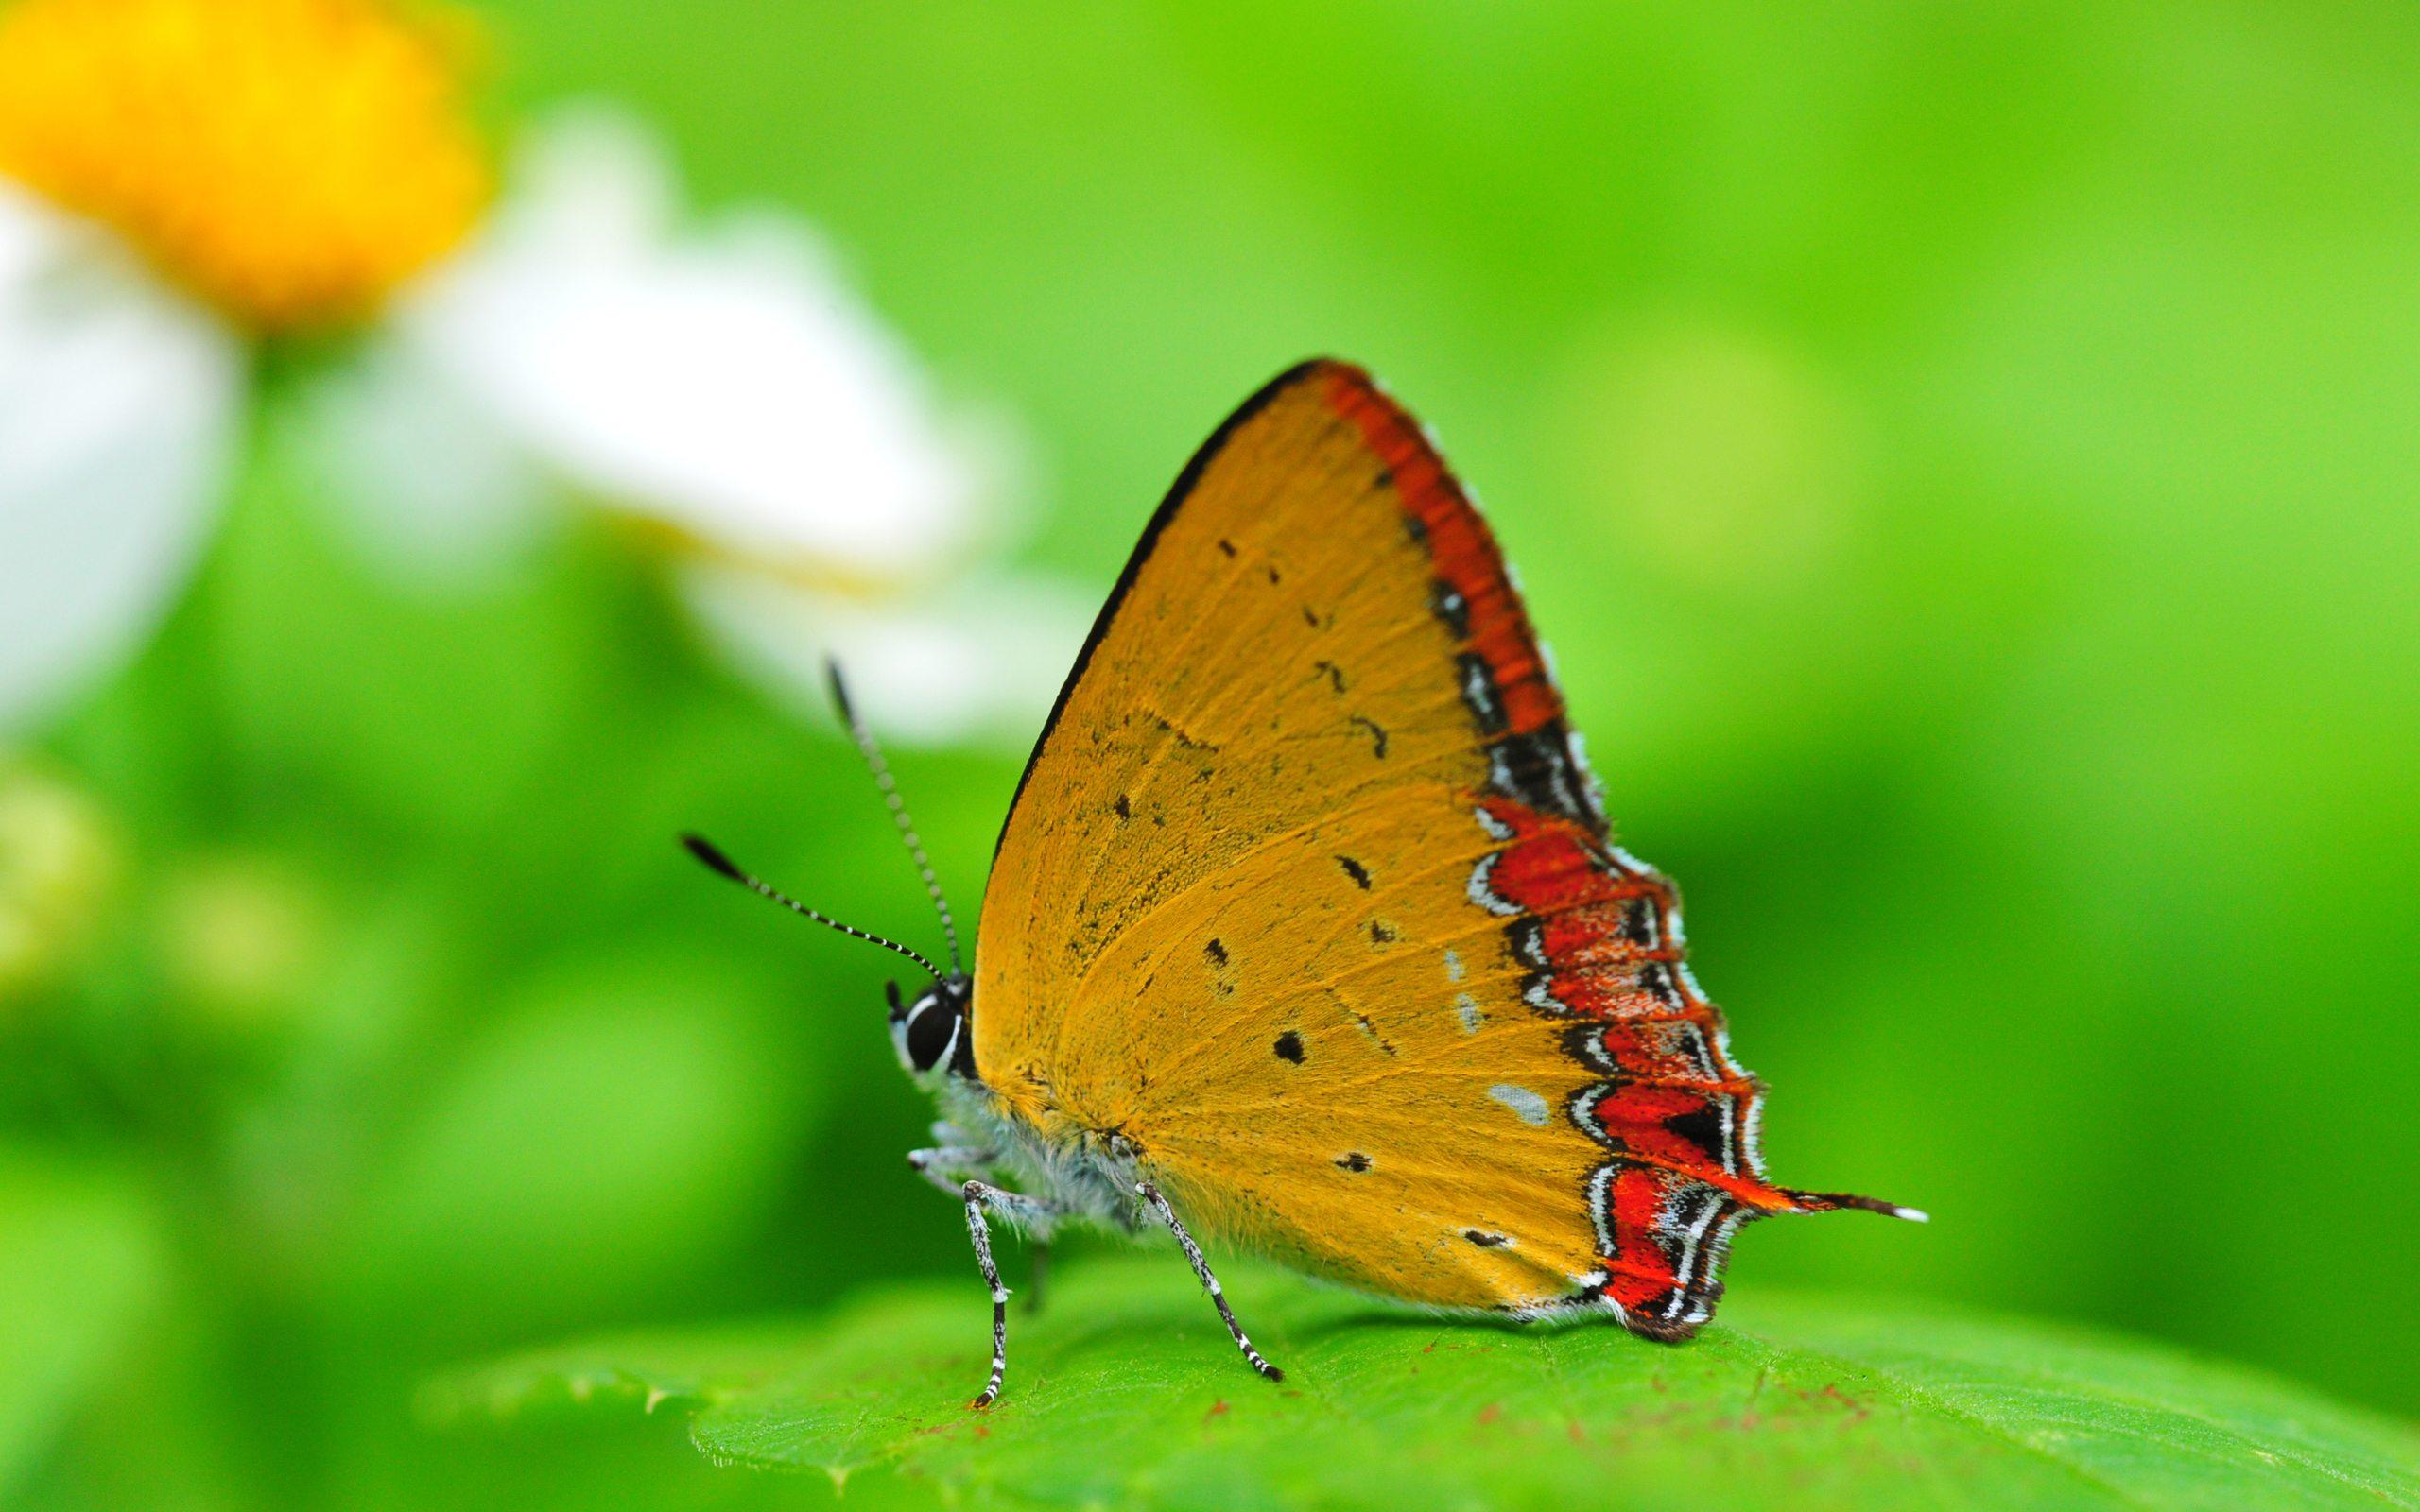 Hd wallpaper beautiful - 2560x1600 Butterfly Hd Animal Wallpaper